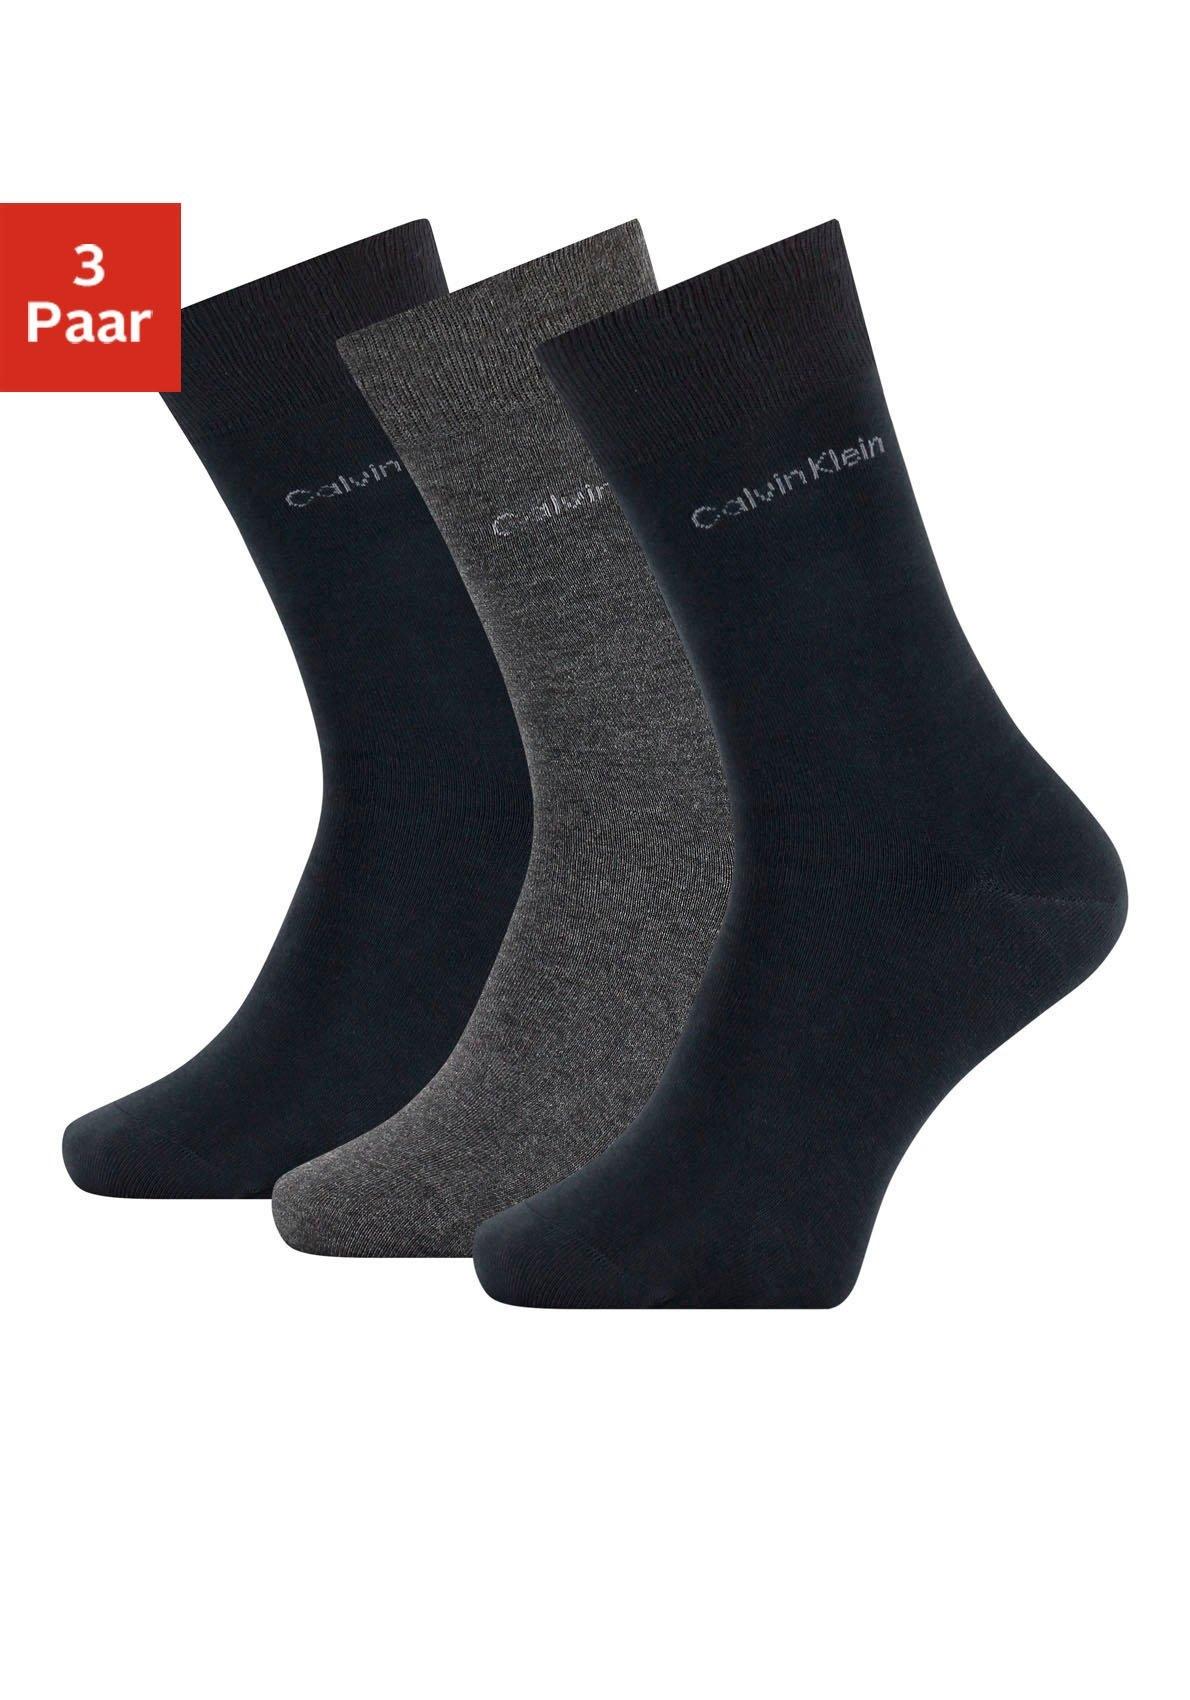 Calvin Klein sokken voor werk en vrije tijd (3 paar) nu online kopen bij Lascana